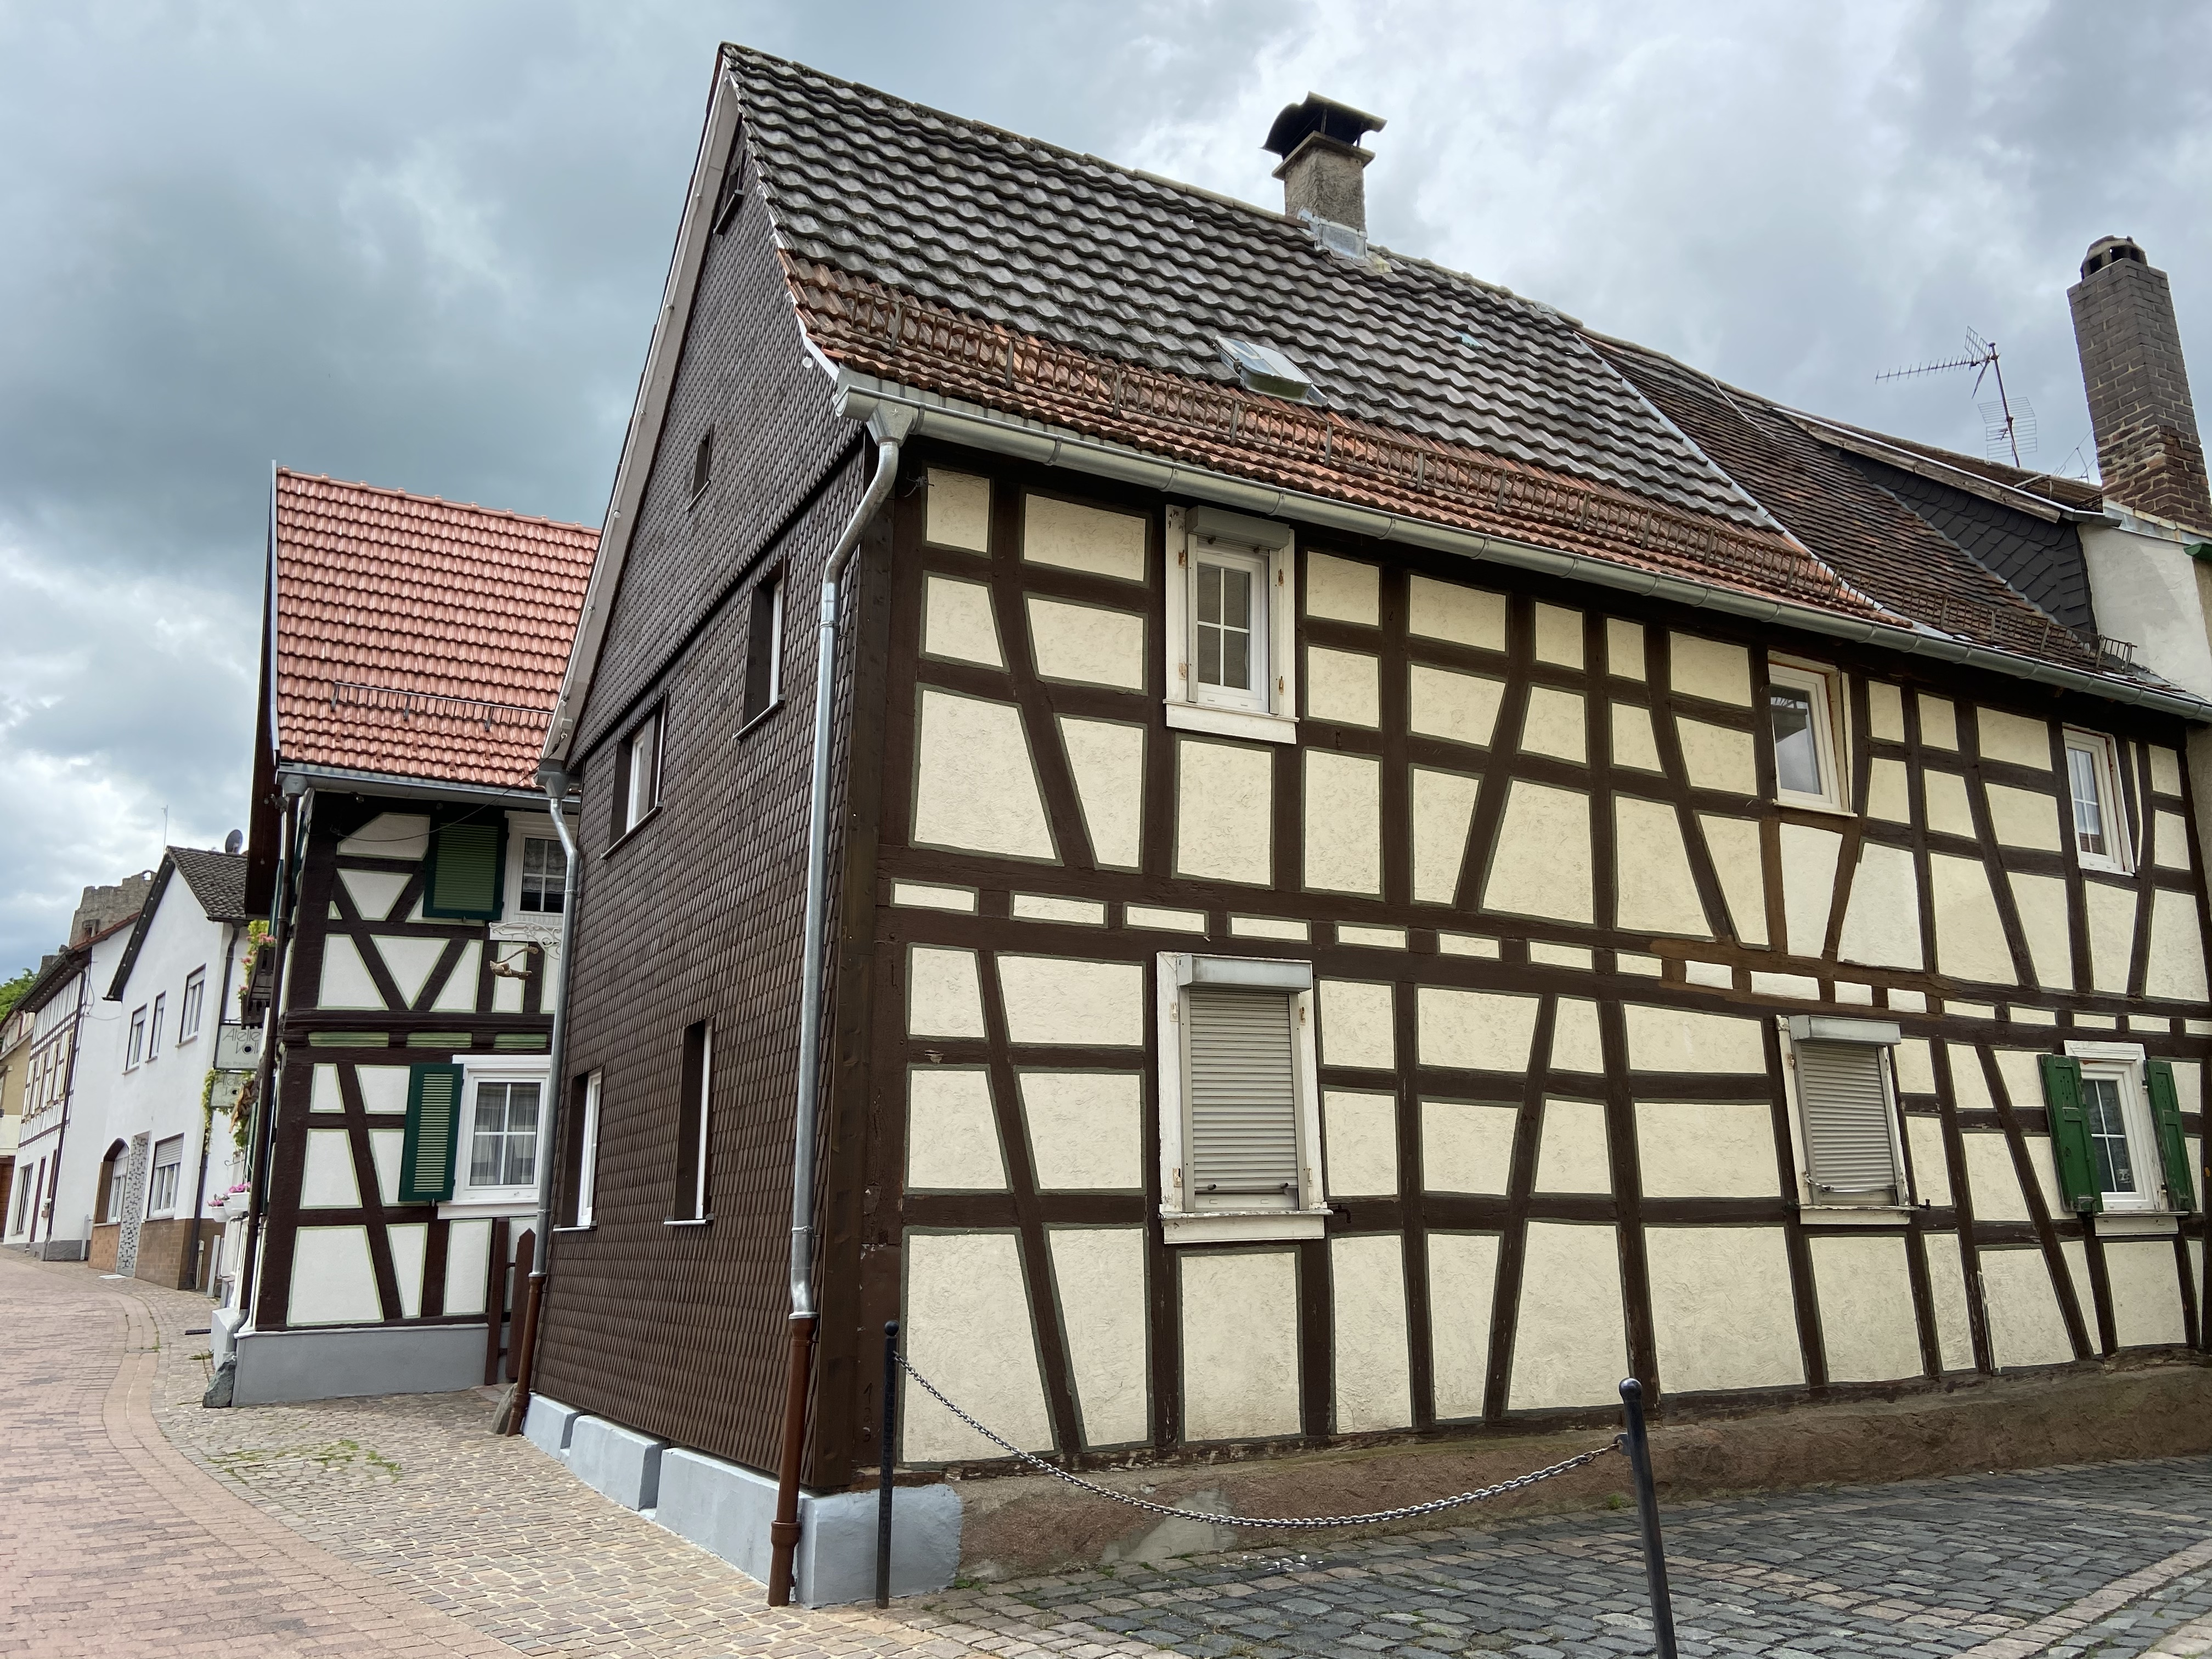 Charmantes Fachwerkhaus in idyllischer Lage I www.brockhaus-immo.de